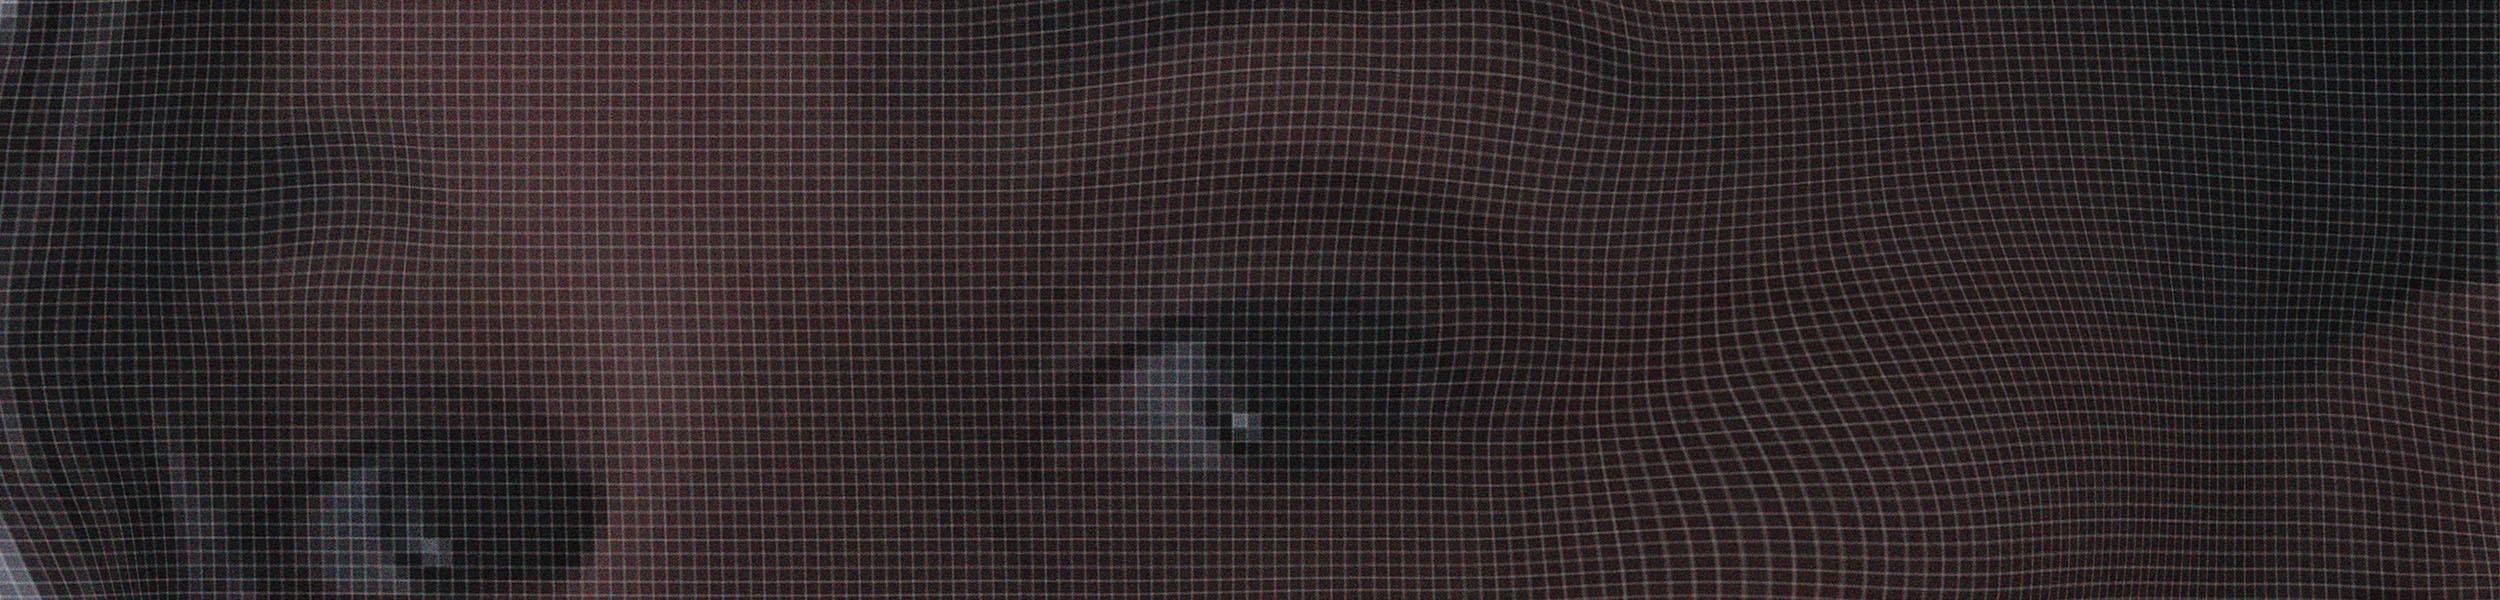 Erika de Casier - New Album 'Sensational' Streaming Now